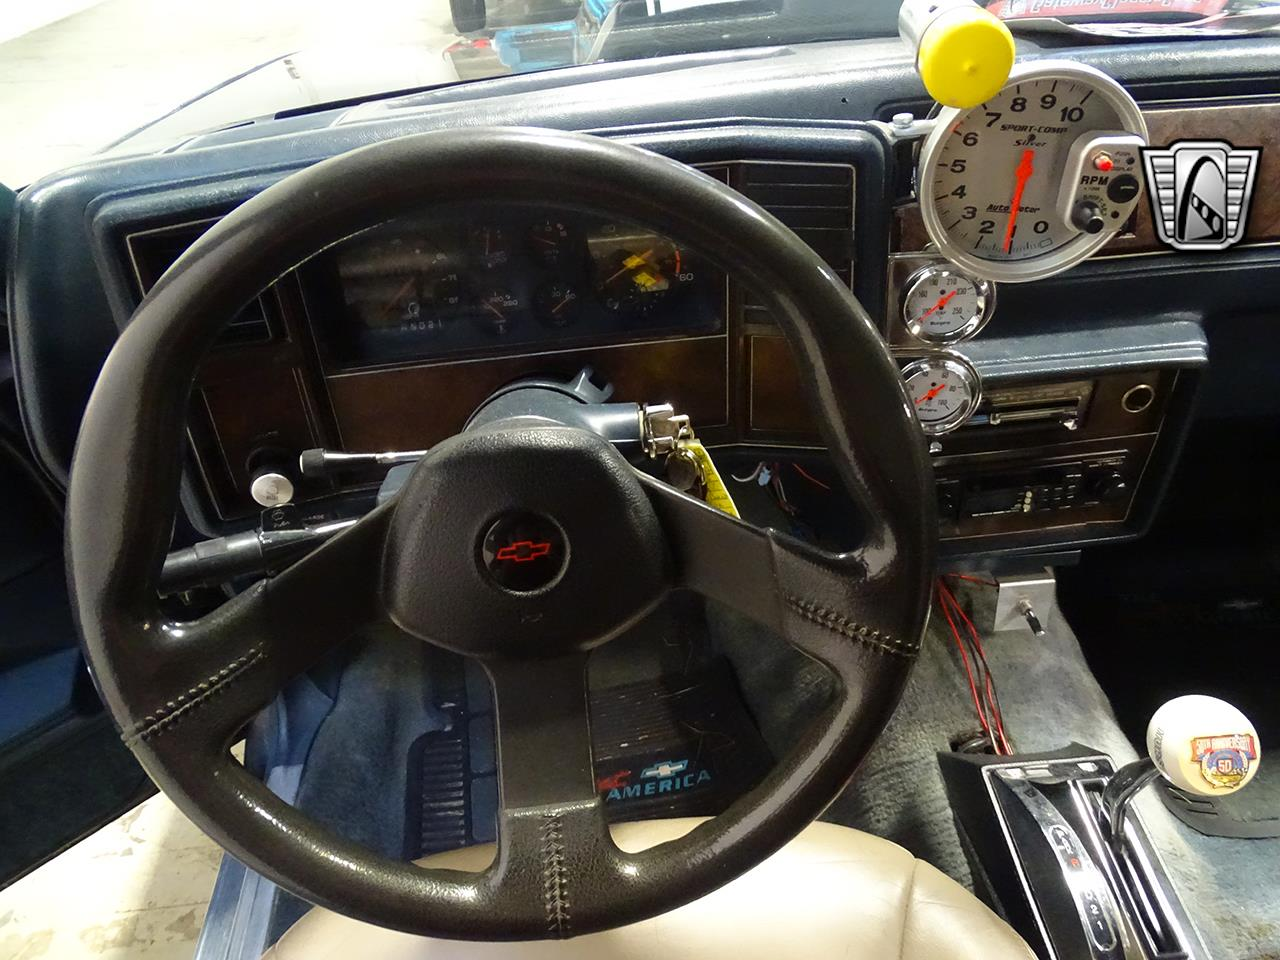 1985 Chevrolet El Camino (CC-1379940) for sale in O'Fallon, Illinois